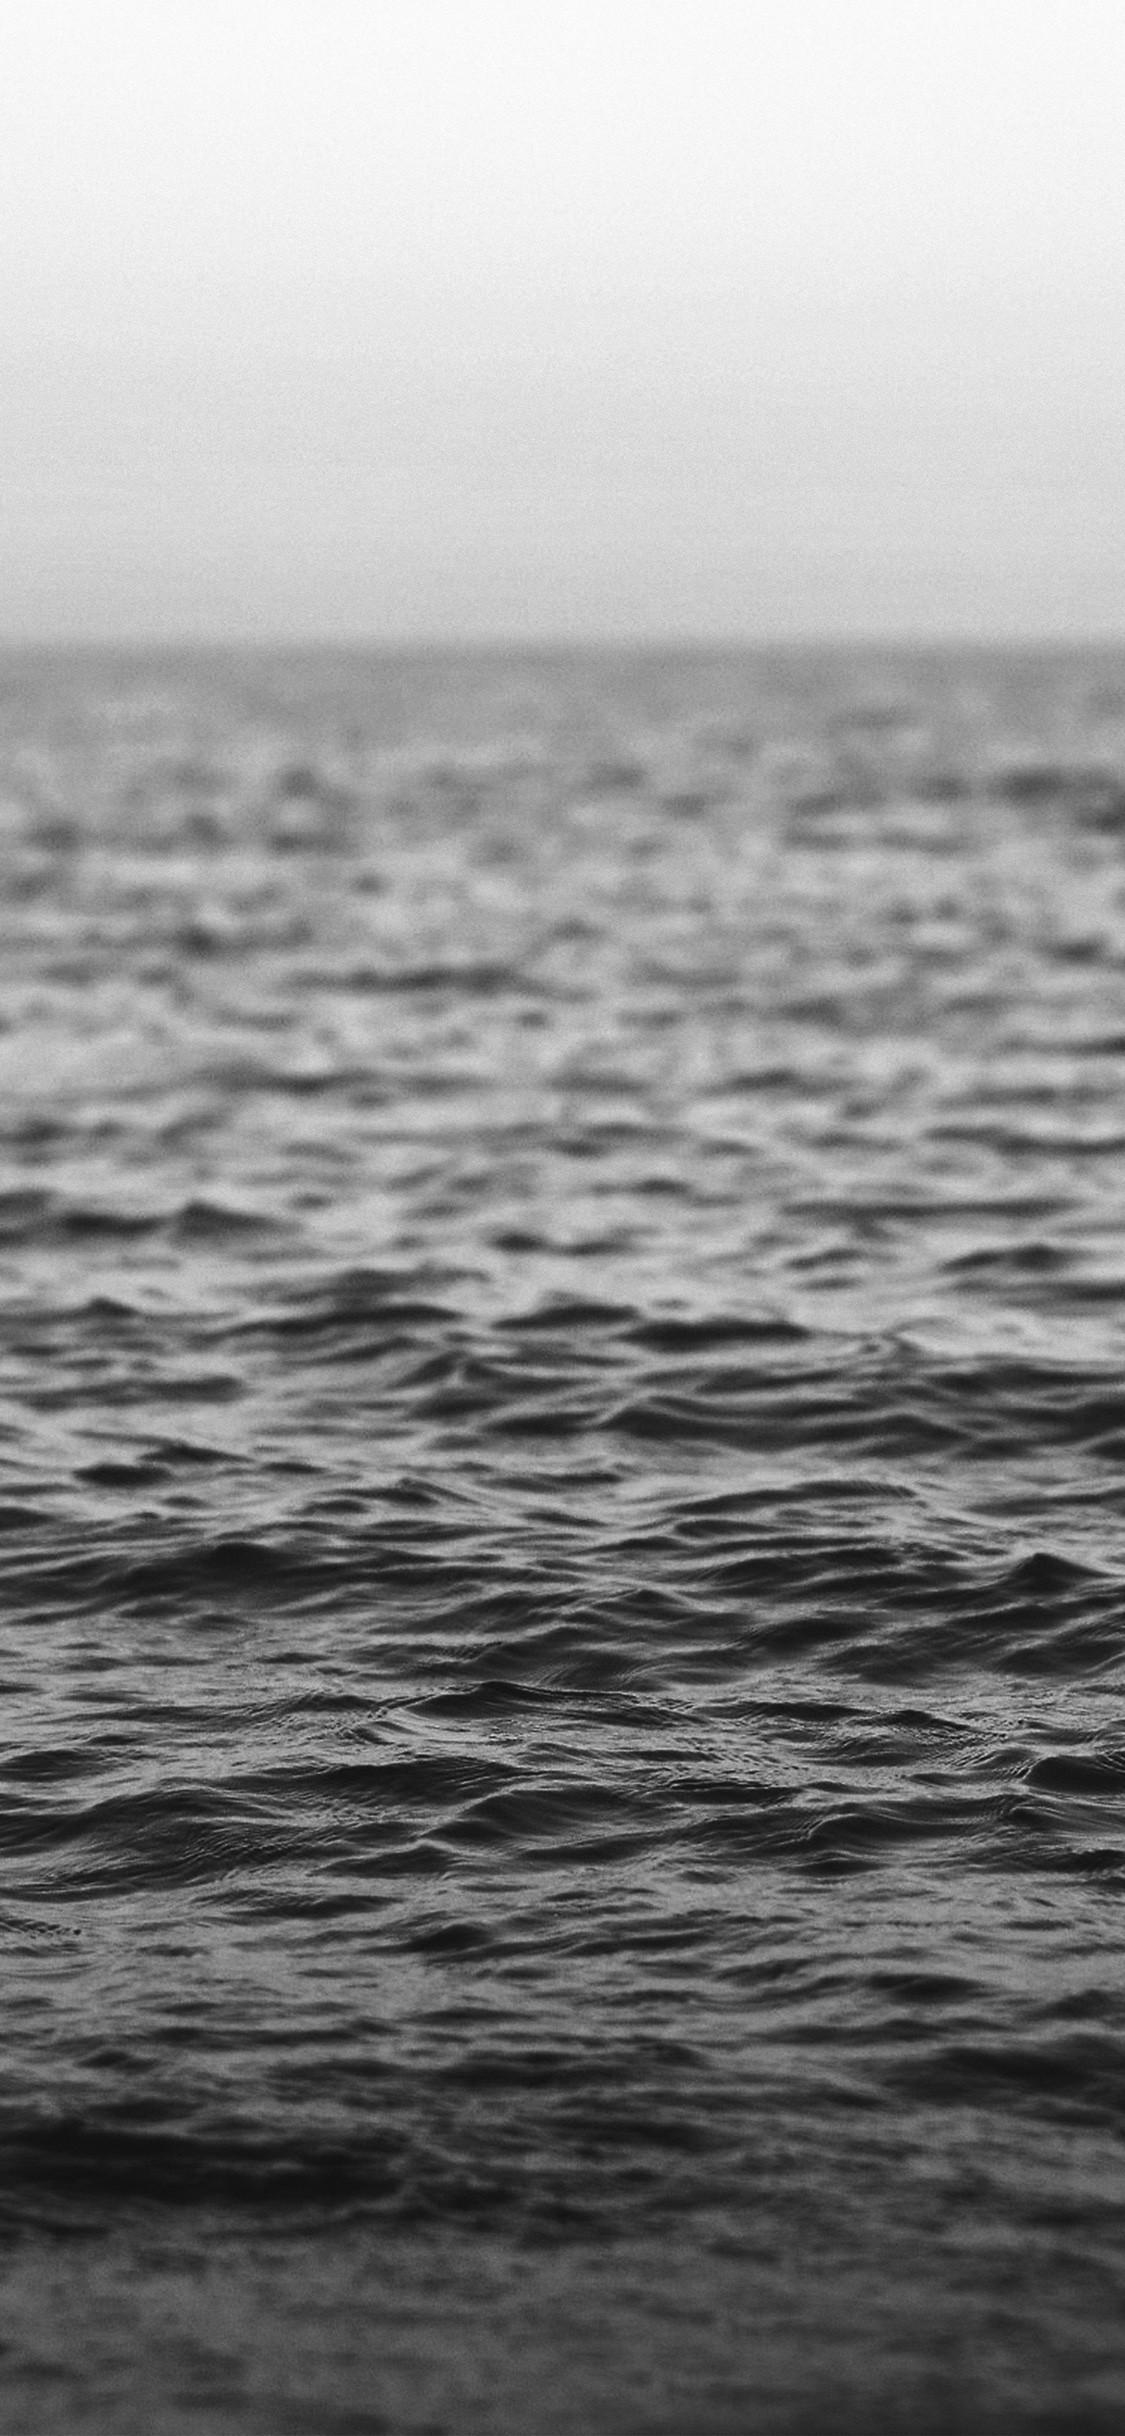 Ocean Wave Iphone Wallpaper 79 Images